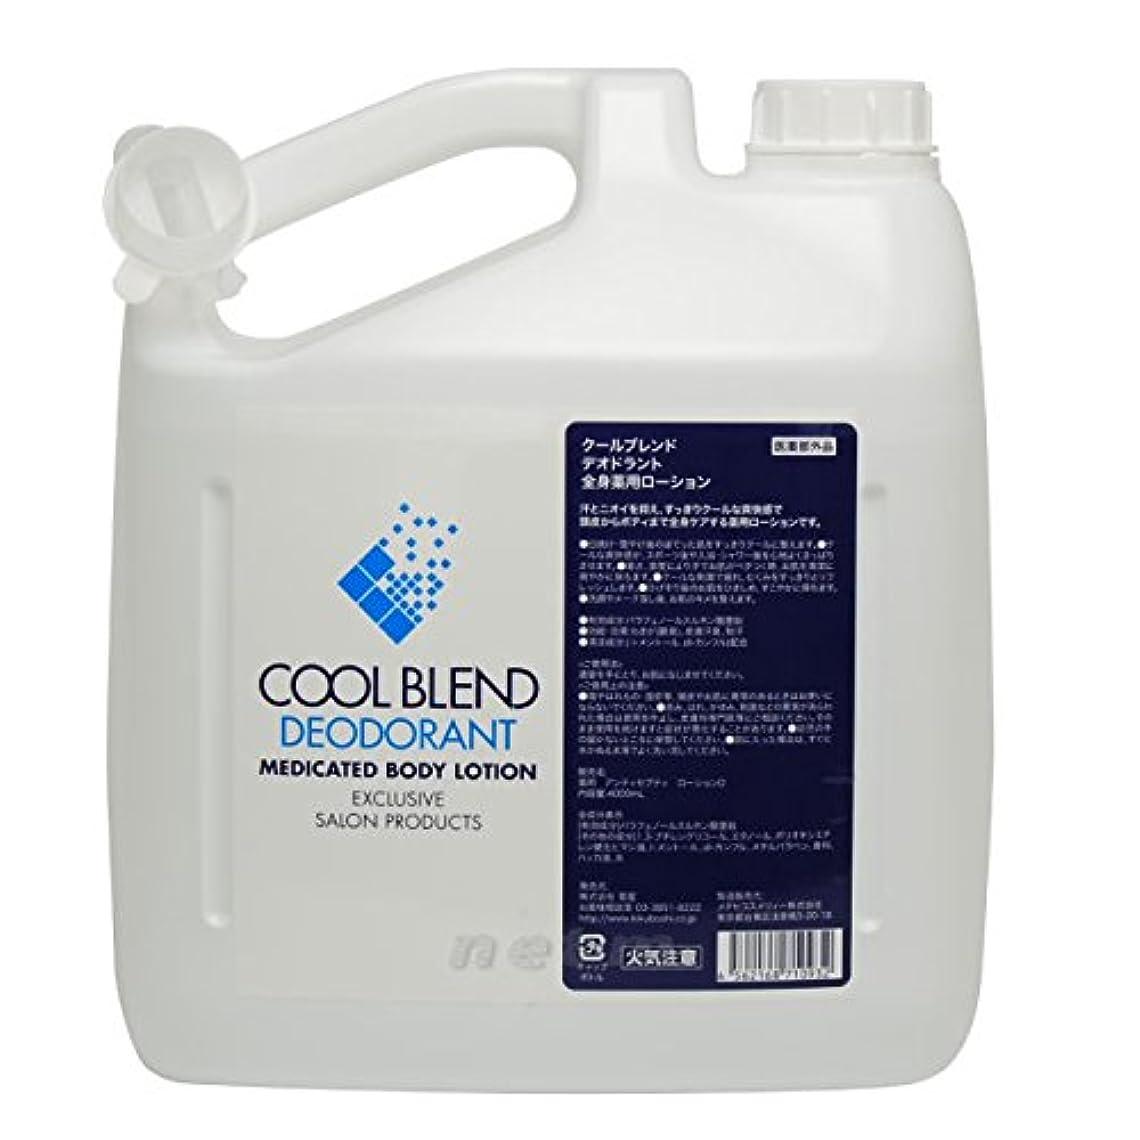 タンパク質どういたしまして花瓶クールブレンド デオドラント 全身薬用ローション 業務用 4L